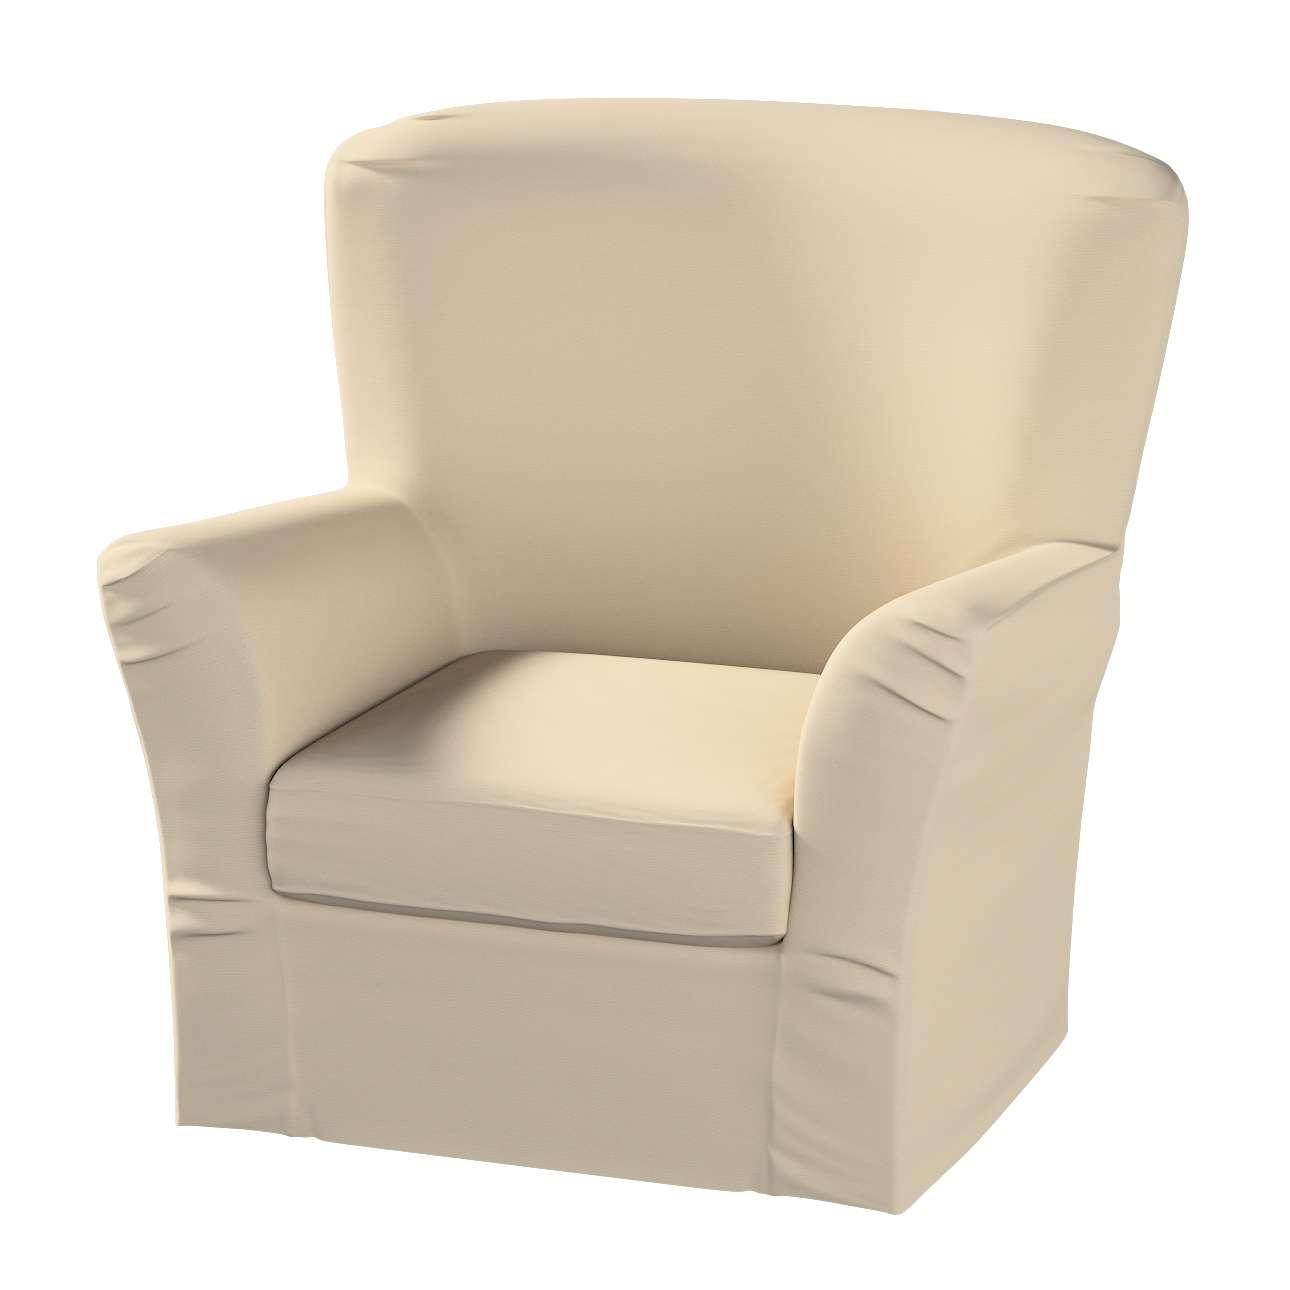 Pokrowiec na fotel Tomelilla z zakładkami fotel Tomelilla w kolekcji Cotton Panama, tkanina: 702-01